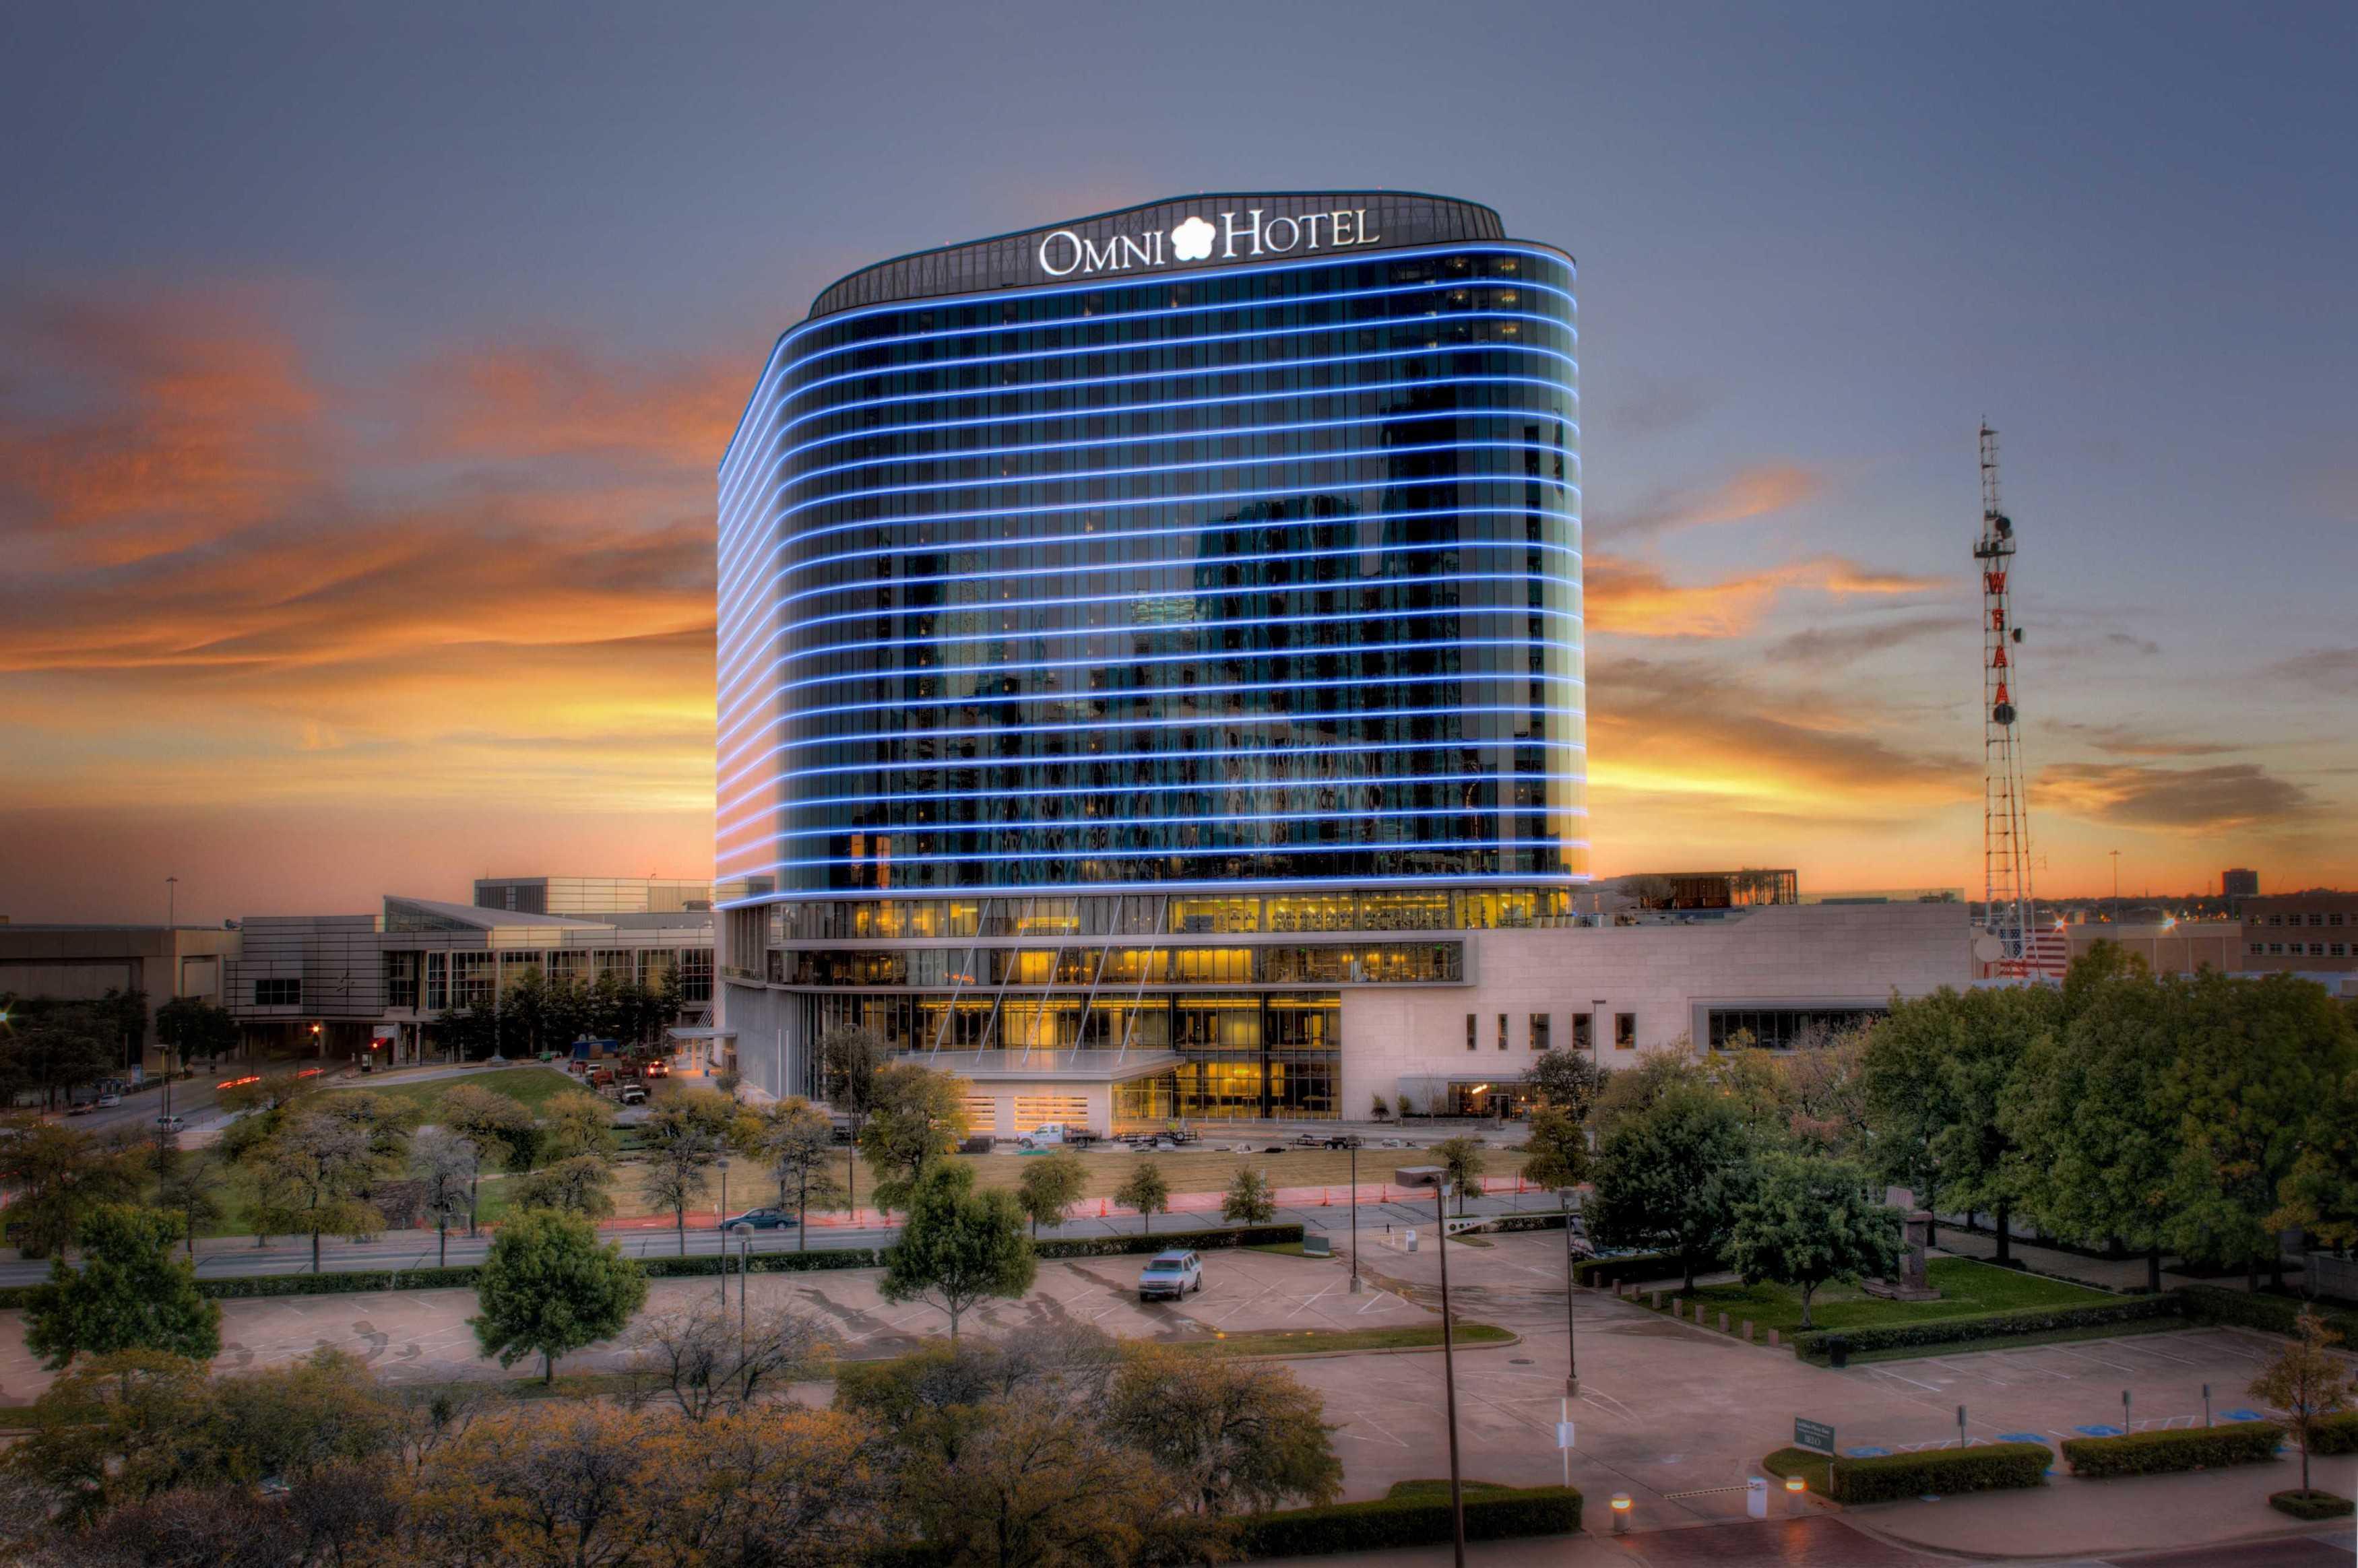 5G Studio Collaborative Omni Dallas Convention Center Hotel Dallas, Texas Dallas, Texas Front View Rendering   14957